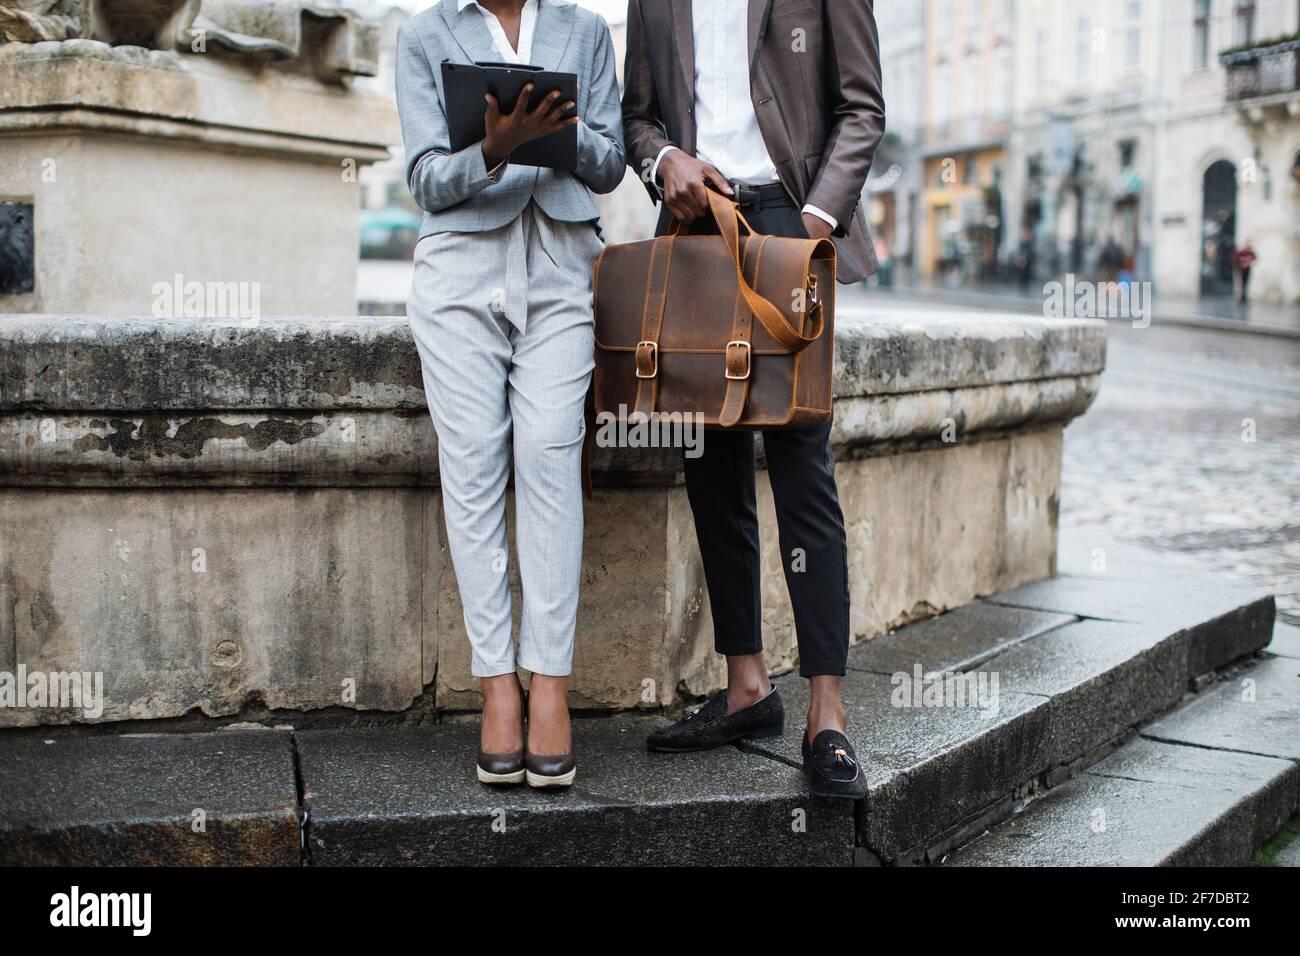 Primer plano de una mujer afro americana con portapapeles y un joven con maletín sentado al aire libre. Dos colegas de negocios resolviendo problemas de trabajo urgentes en la calle. Foto de stock